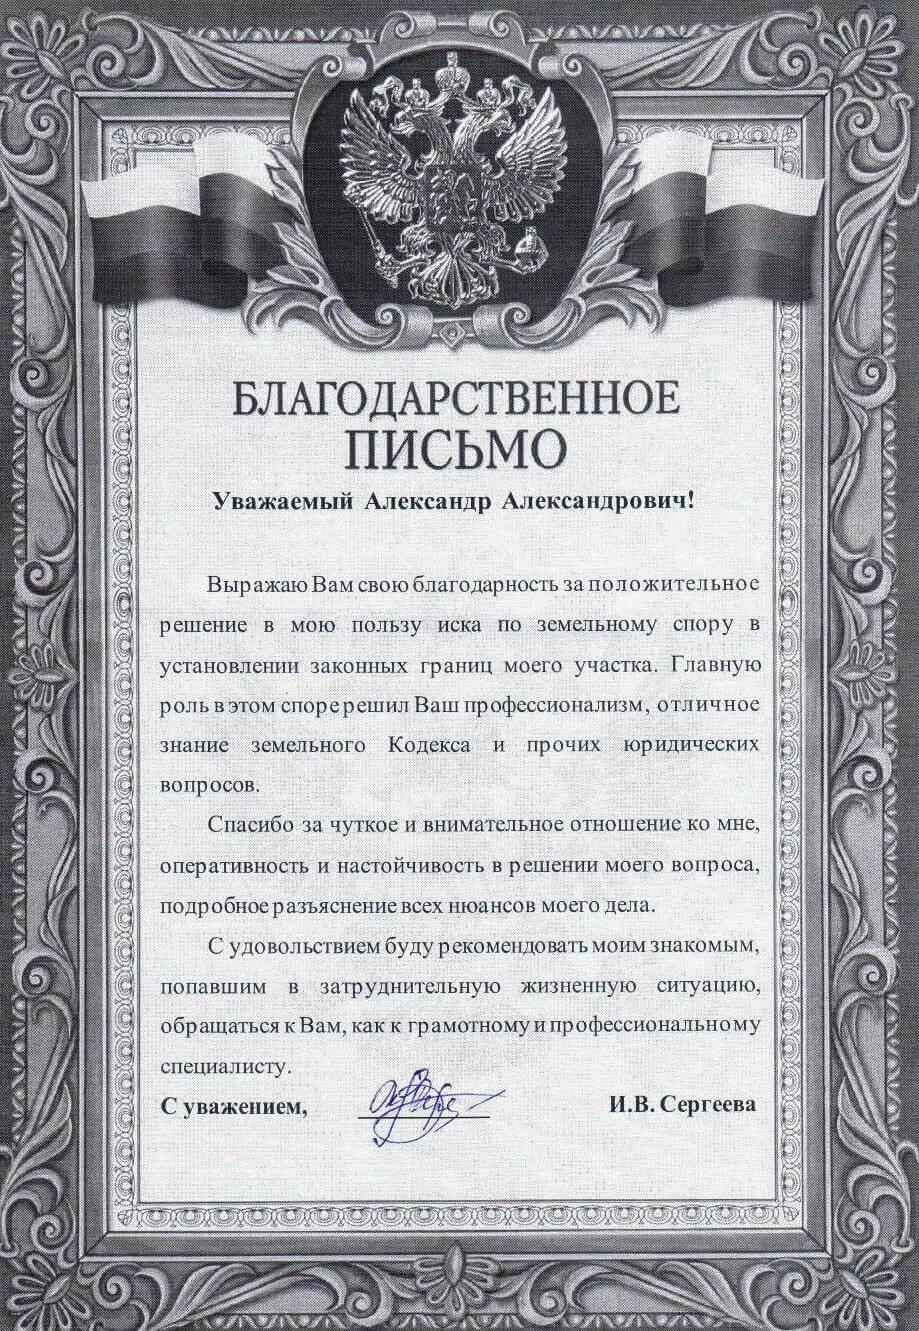 Рекомендация от Сергеевой И. В.